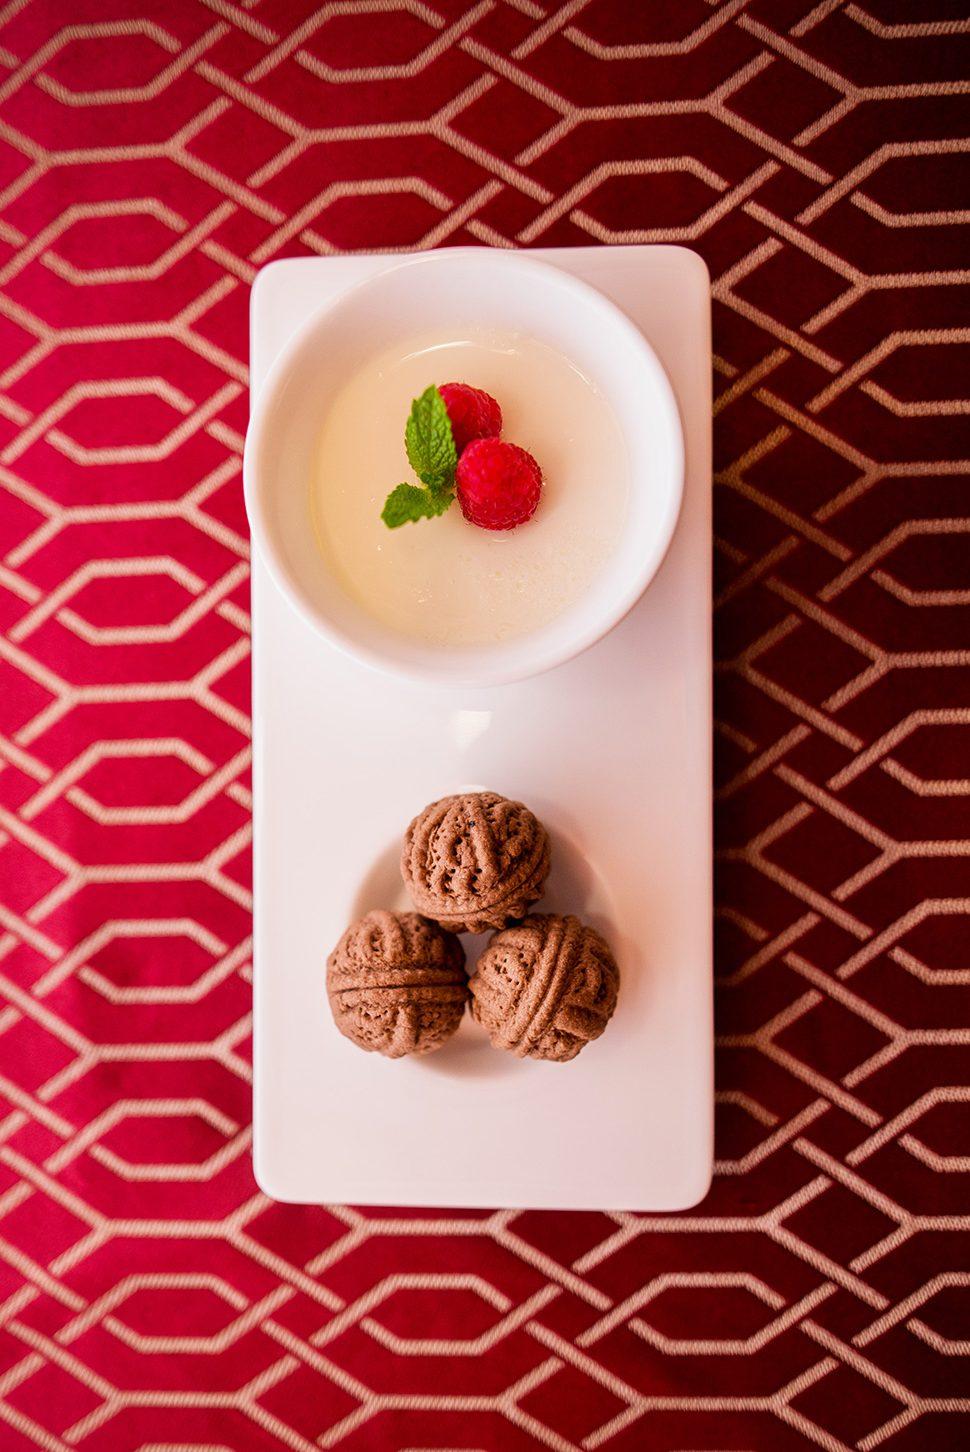 Shuang Ba Dessert